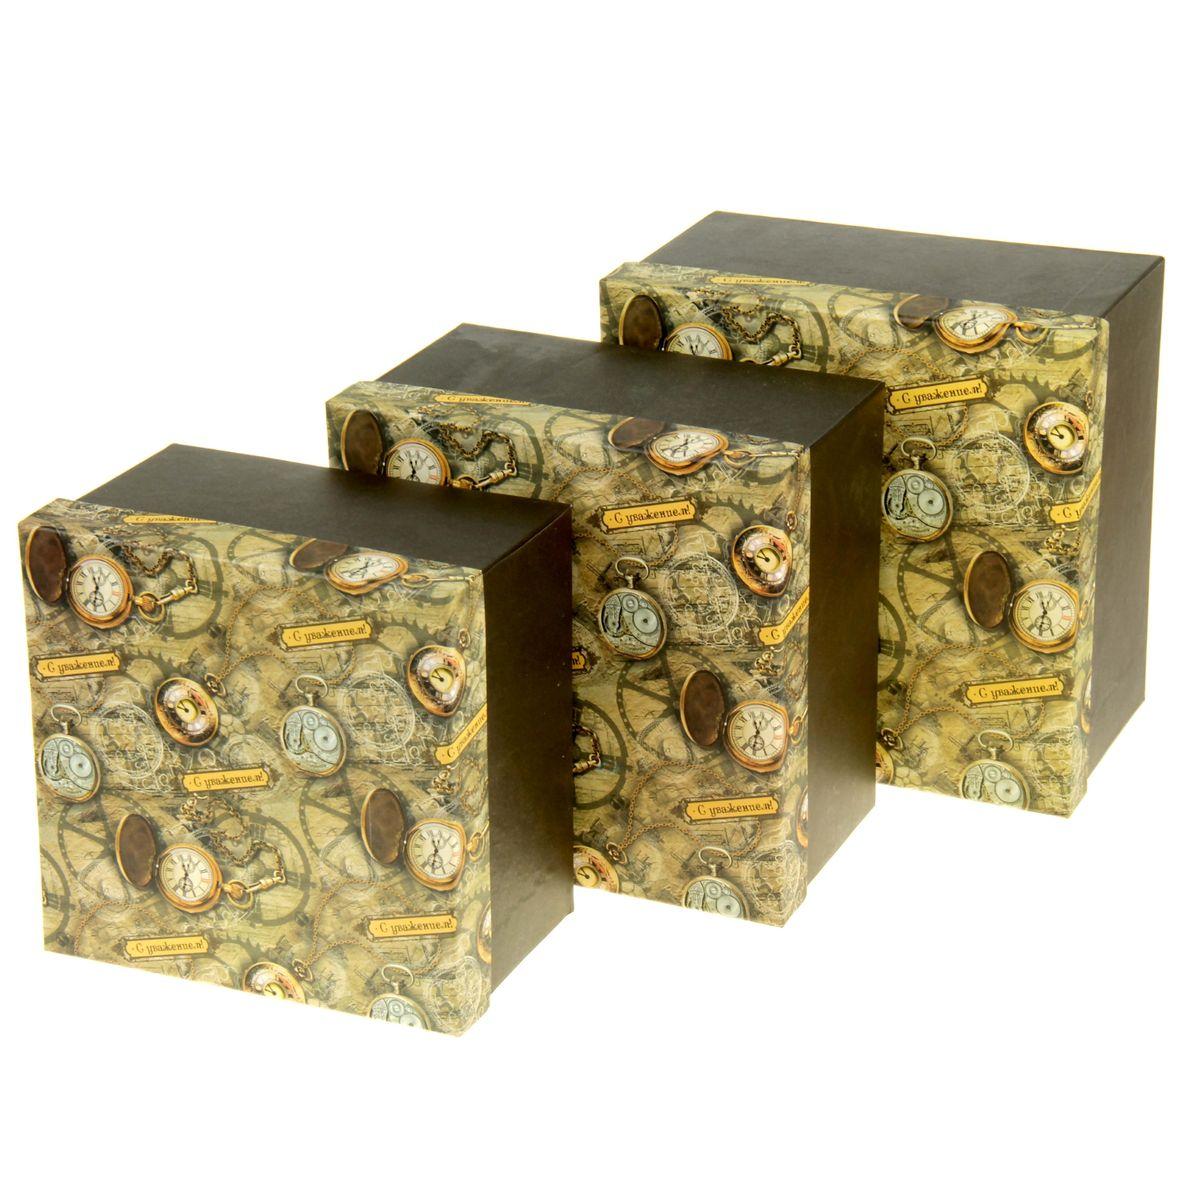 Набор подарочных коробок Sima-land Часы, 3 штRSP-202SНабор Sima-land Часы состоит из 3 подарочных коробок разного размера, выполненных из плотного картона. Крышка оформлена ярким изображением и надписью С уважением!.Подарочная коробка - это наилучшее решение, если вы хотите порадовать вашихблизких и создать праздничное настроение, ведь подарок, преподнесенный воригинальной упаковке, всегда будет самым эффектным и запоминающимся.Окружите близких людей вниманием и заботой, вручив презент в нарядном,праздничном оформлении. Размер большой коробки: 20 см х 20 см х 11,5 см.Размер средней коробки: 18,5 см х 18,5 см х 11 см.Размер маленькой коробки: 17 см х 17 см х 10,5 см.